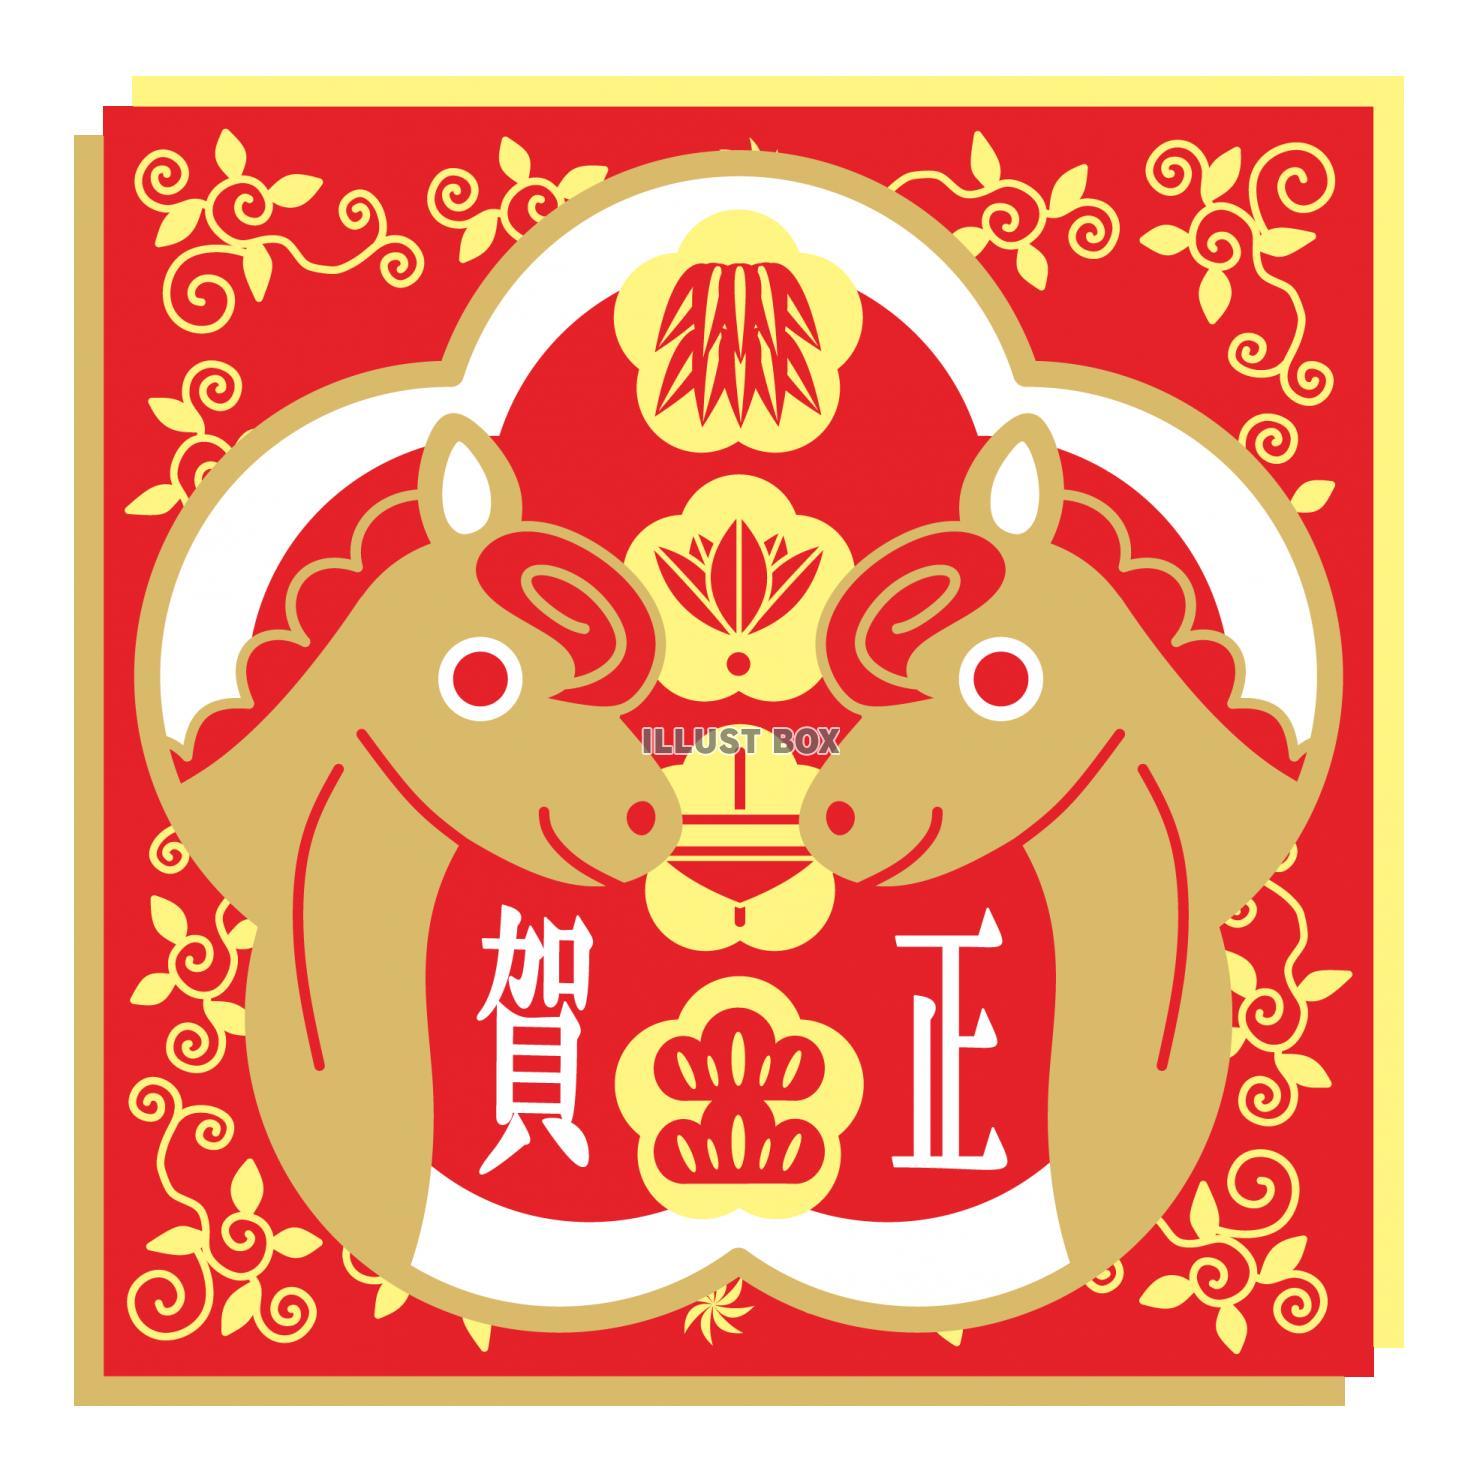 無料イラスト 2014年午年年賀状用無料イラスト素材「中国切り絵風対の馬と